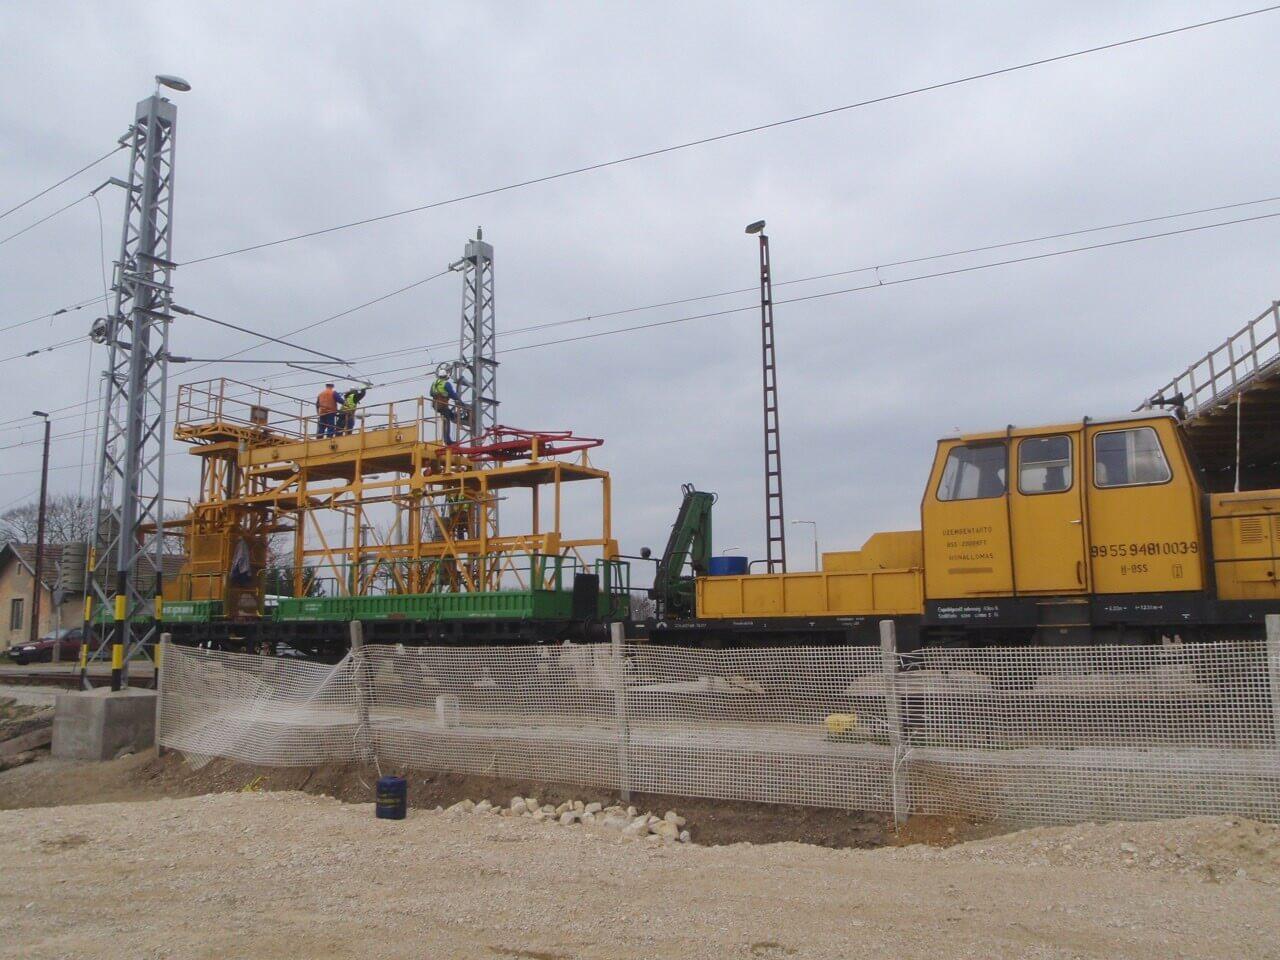 Villamosítják a Mezőzombor-Sátoraljaújhely vasútvonalat